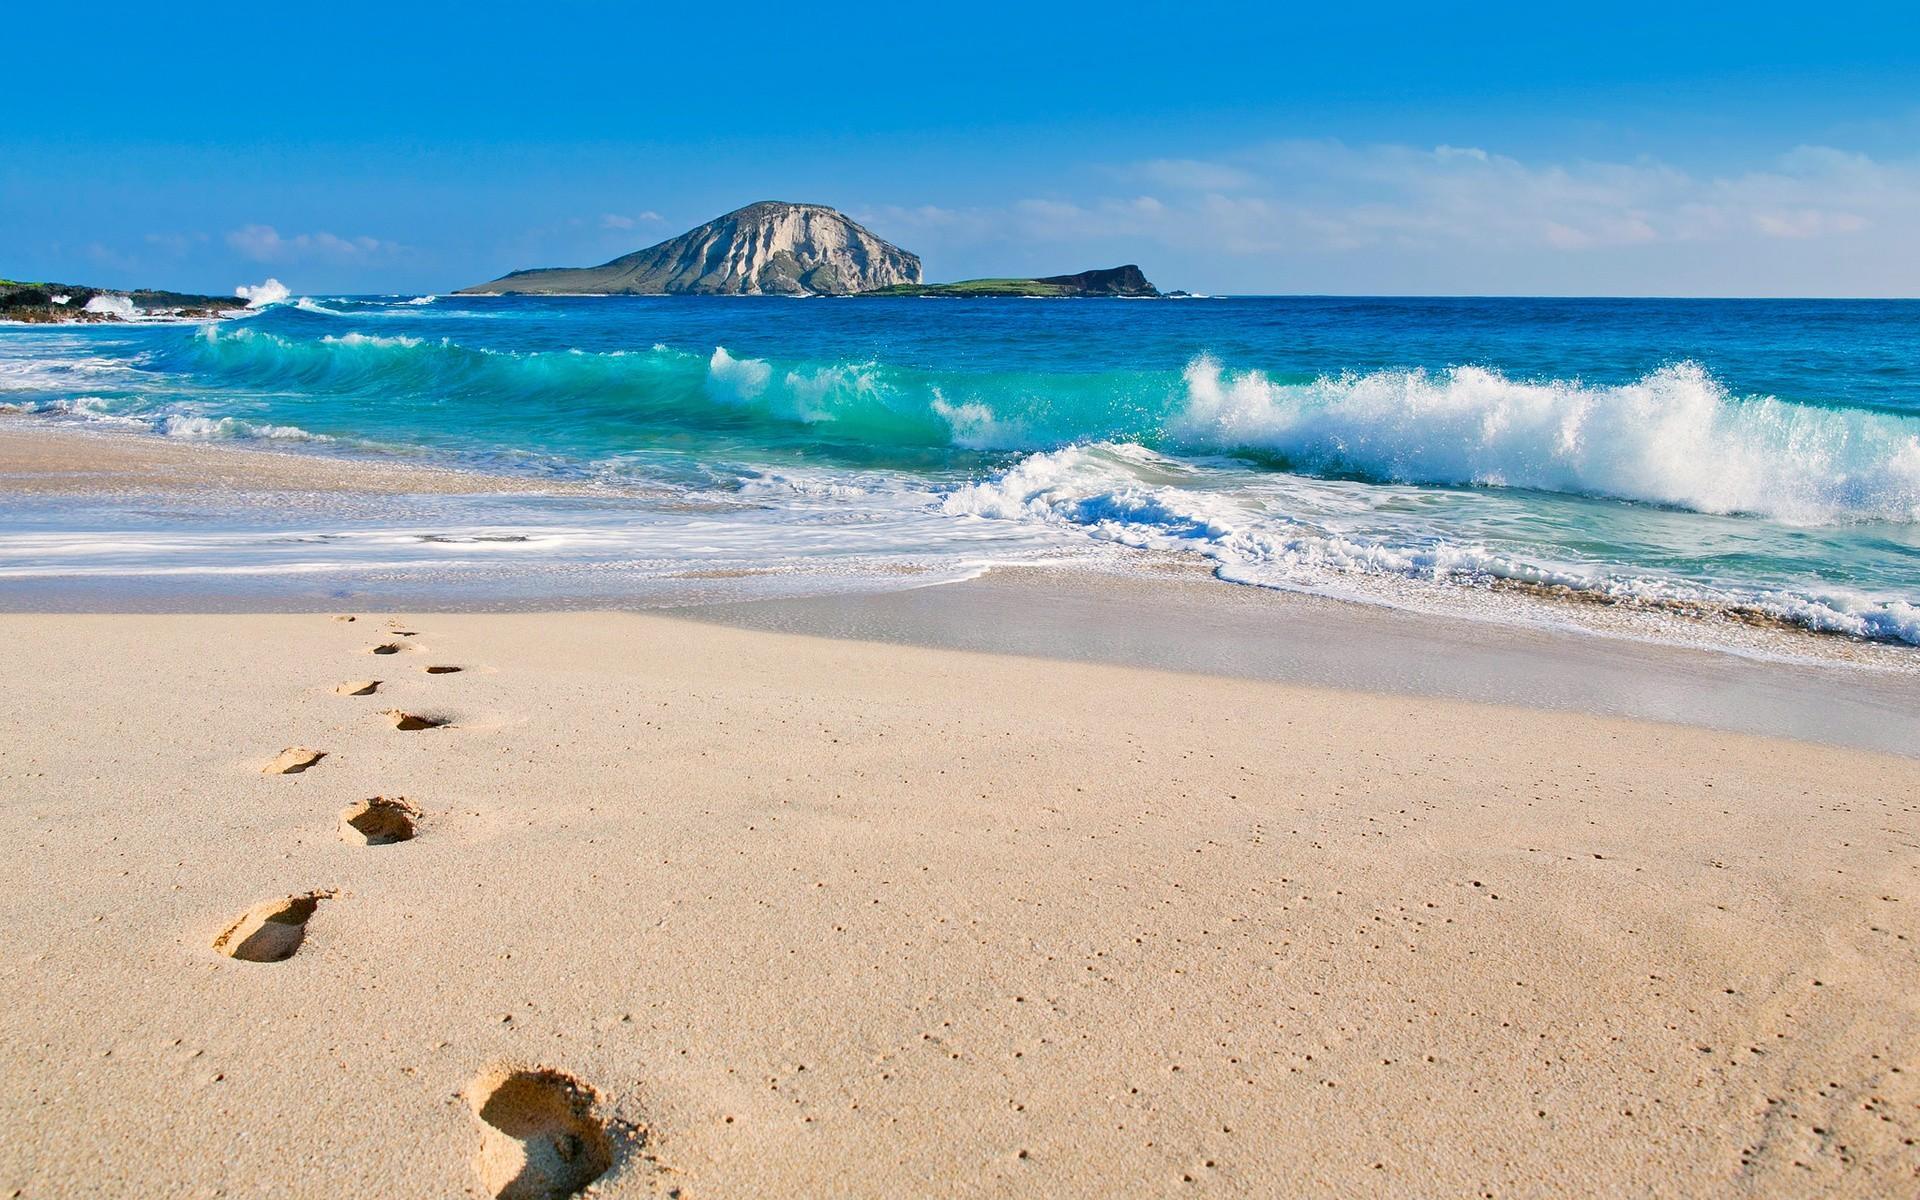 картинки пляжей в хорошем качестве передвигается самым